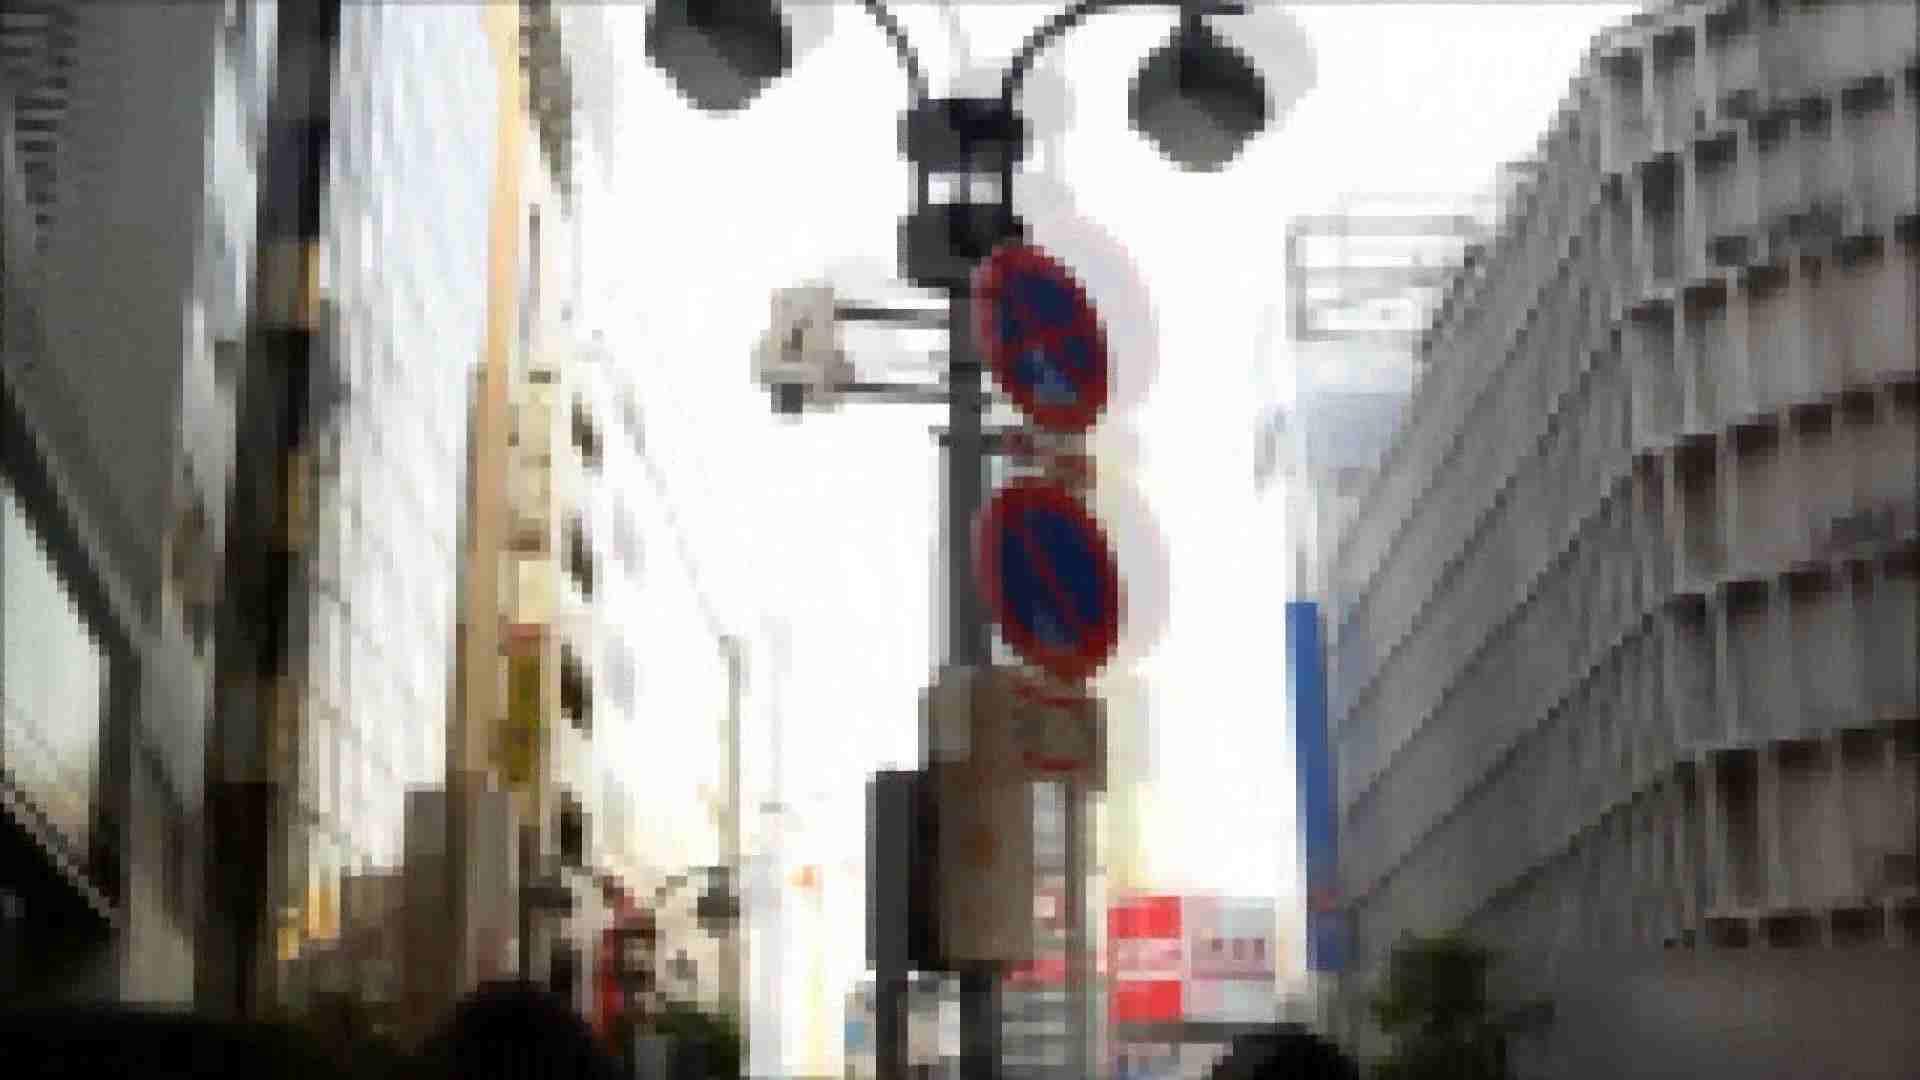 ガールズパンチラストリートビューVol.006 OLエロ画像 隠し撮りおまんこ動画流出 92PICs 78